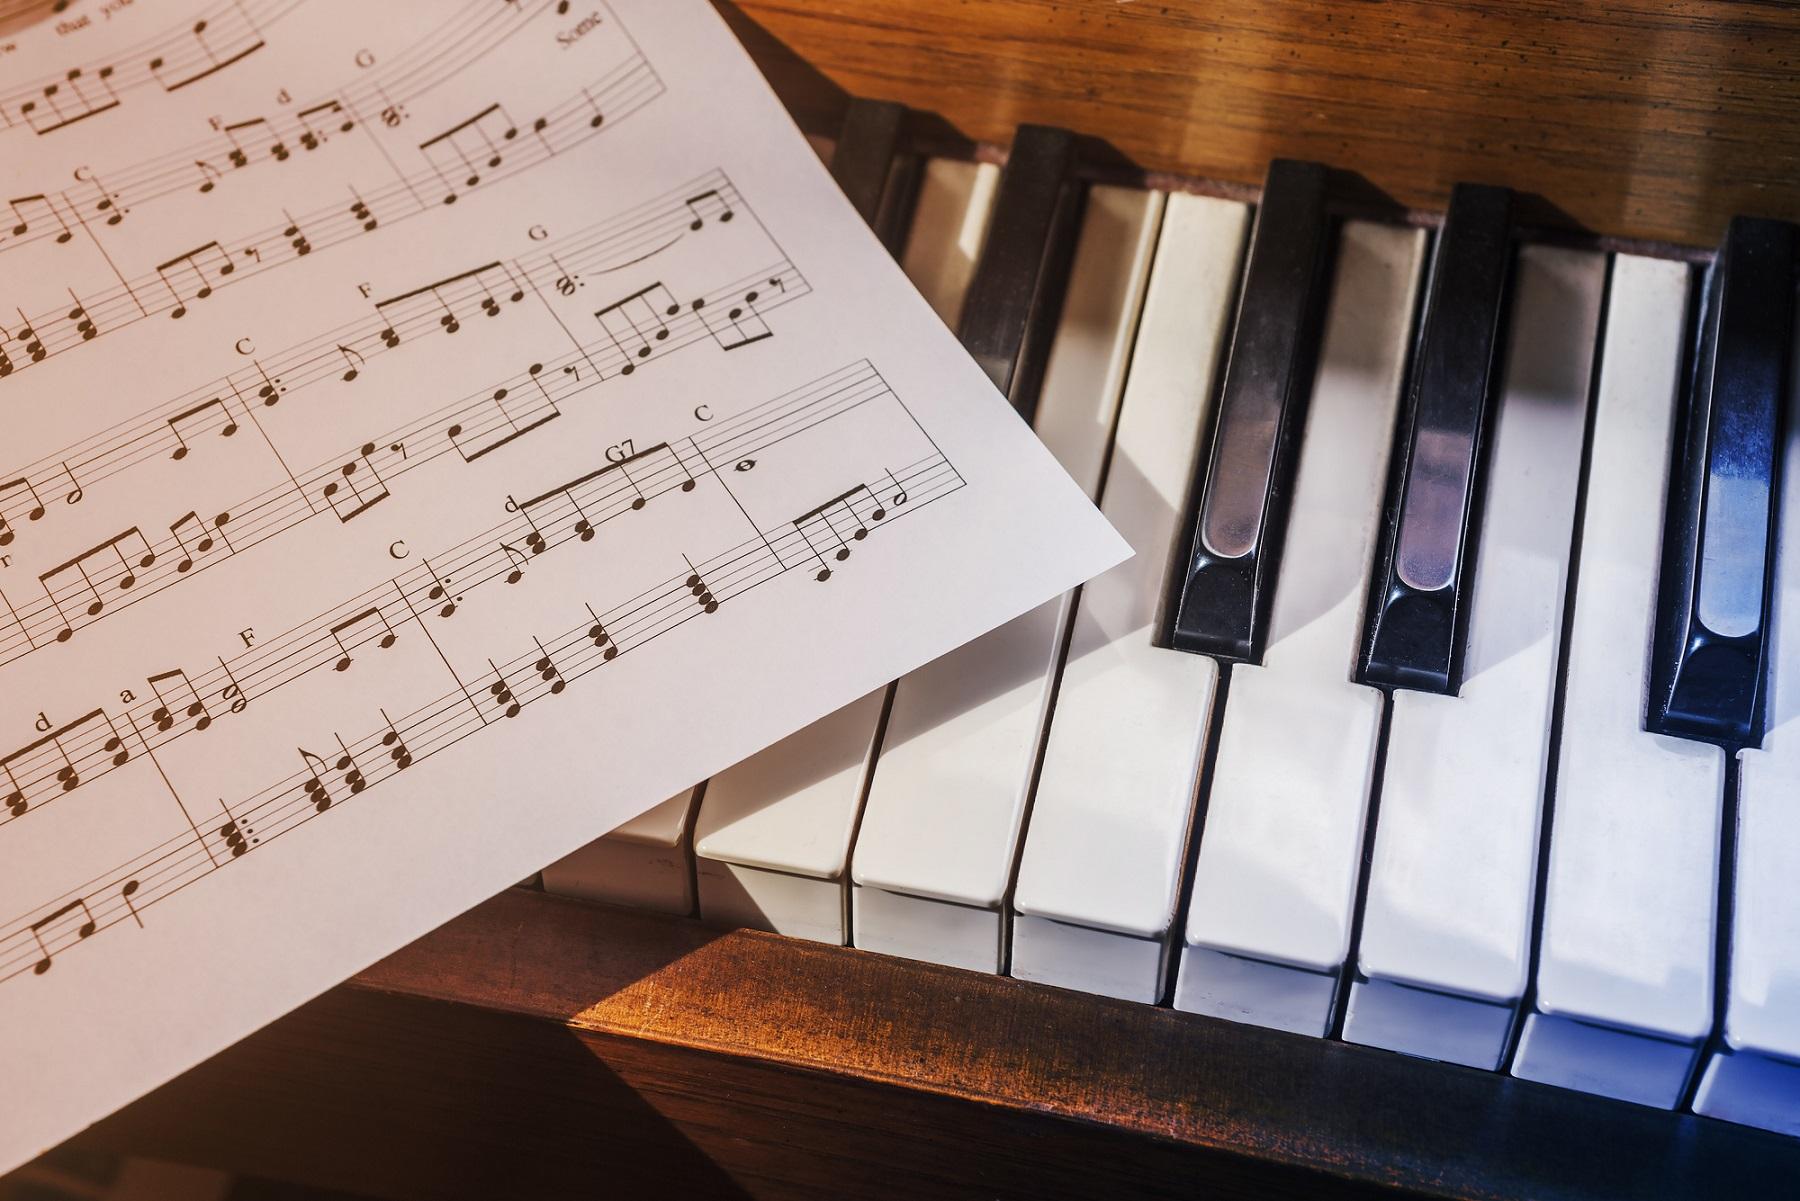 Comment lire une partition de piano pour débutants?